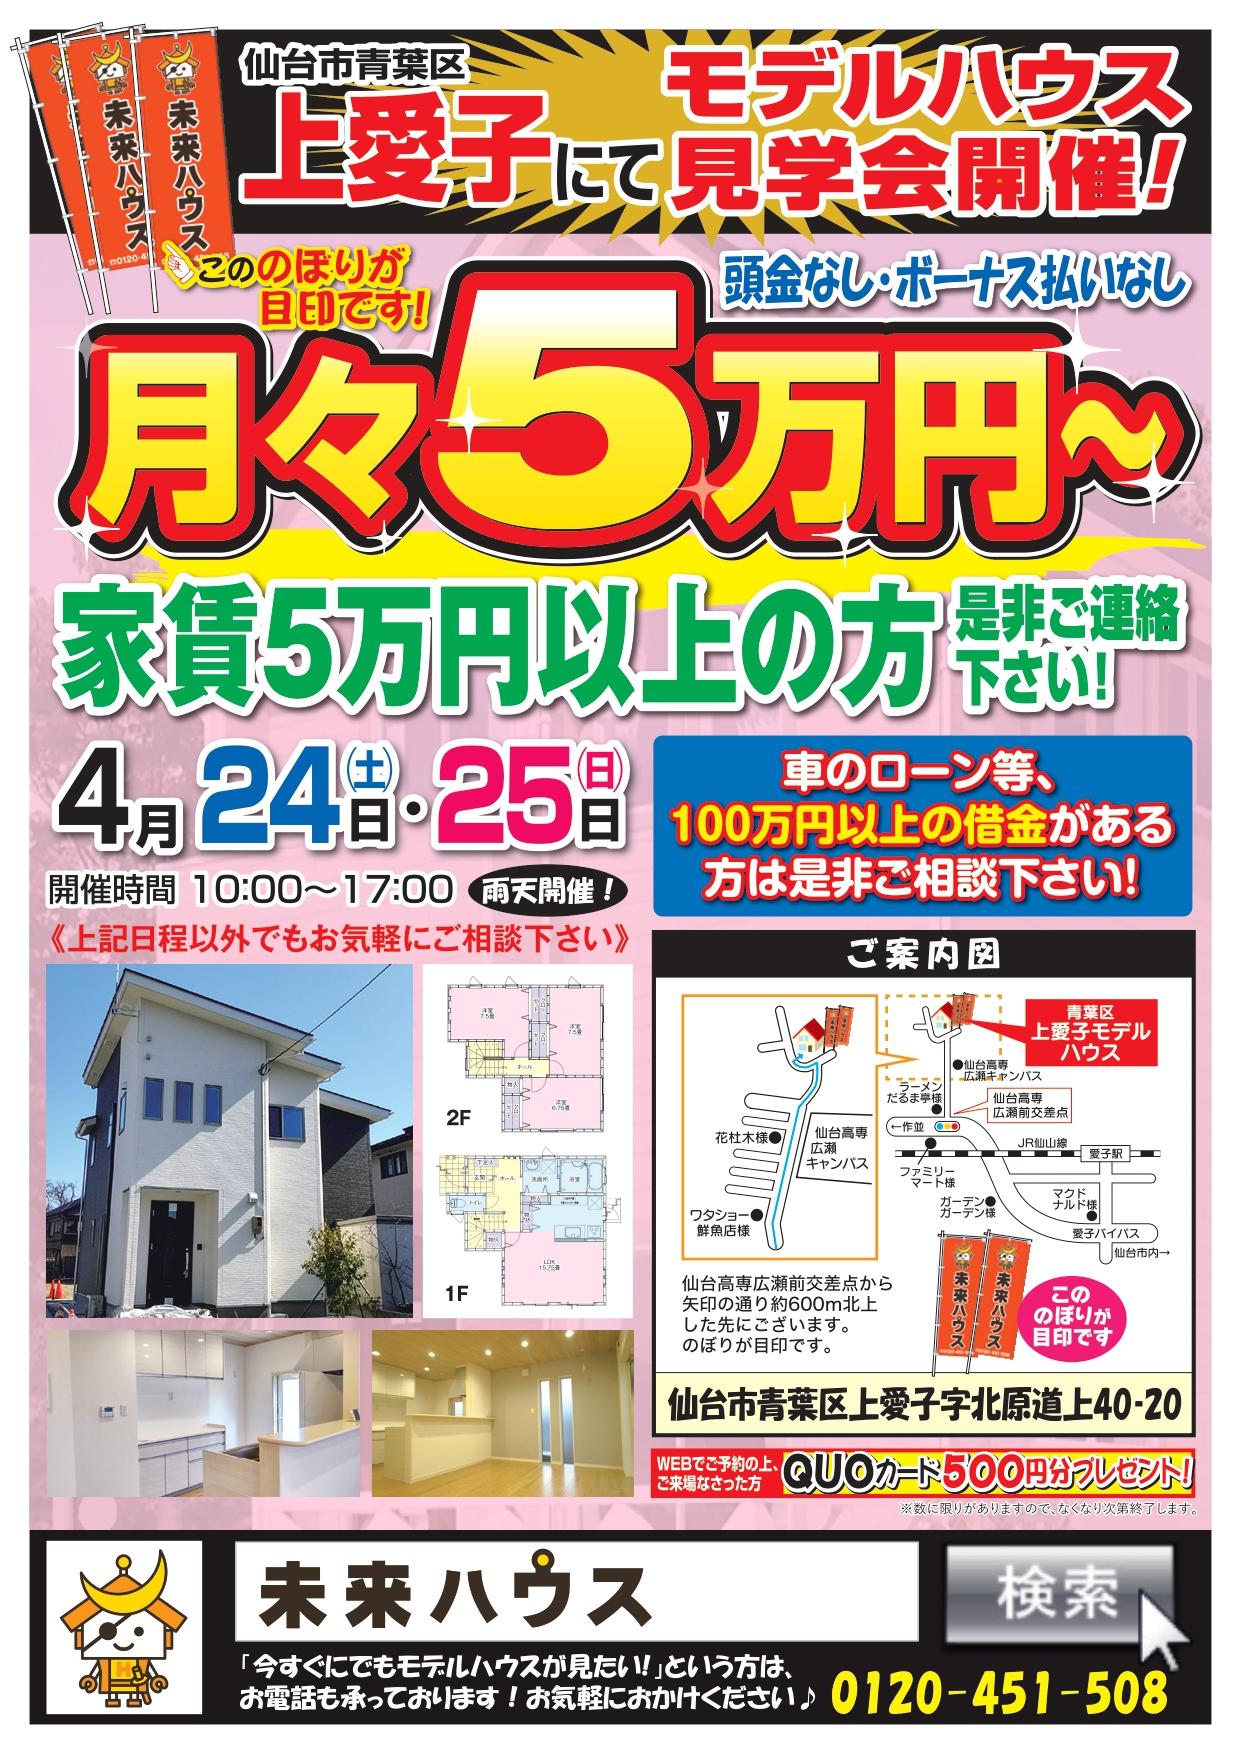 4月24日(土)・25日(日) 上愛子モデルハウス